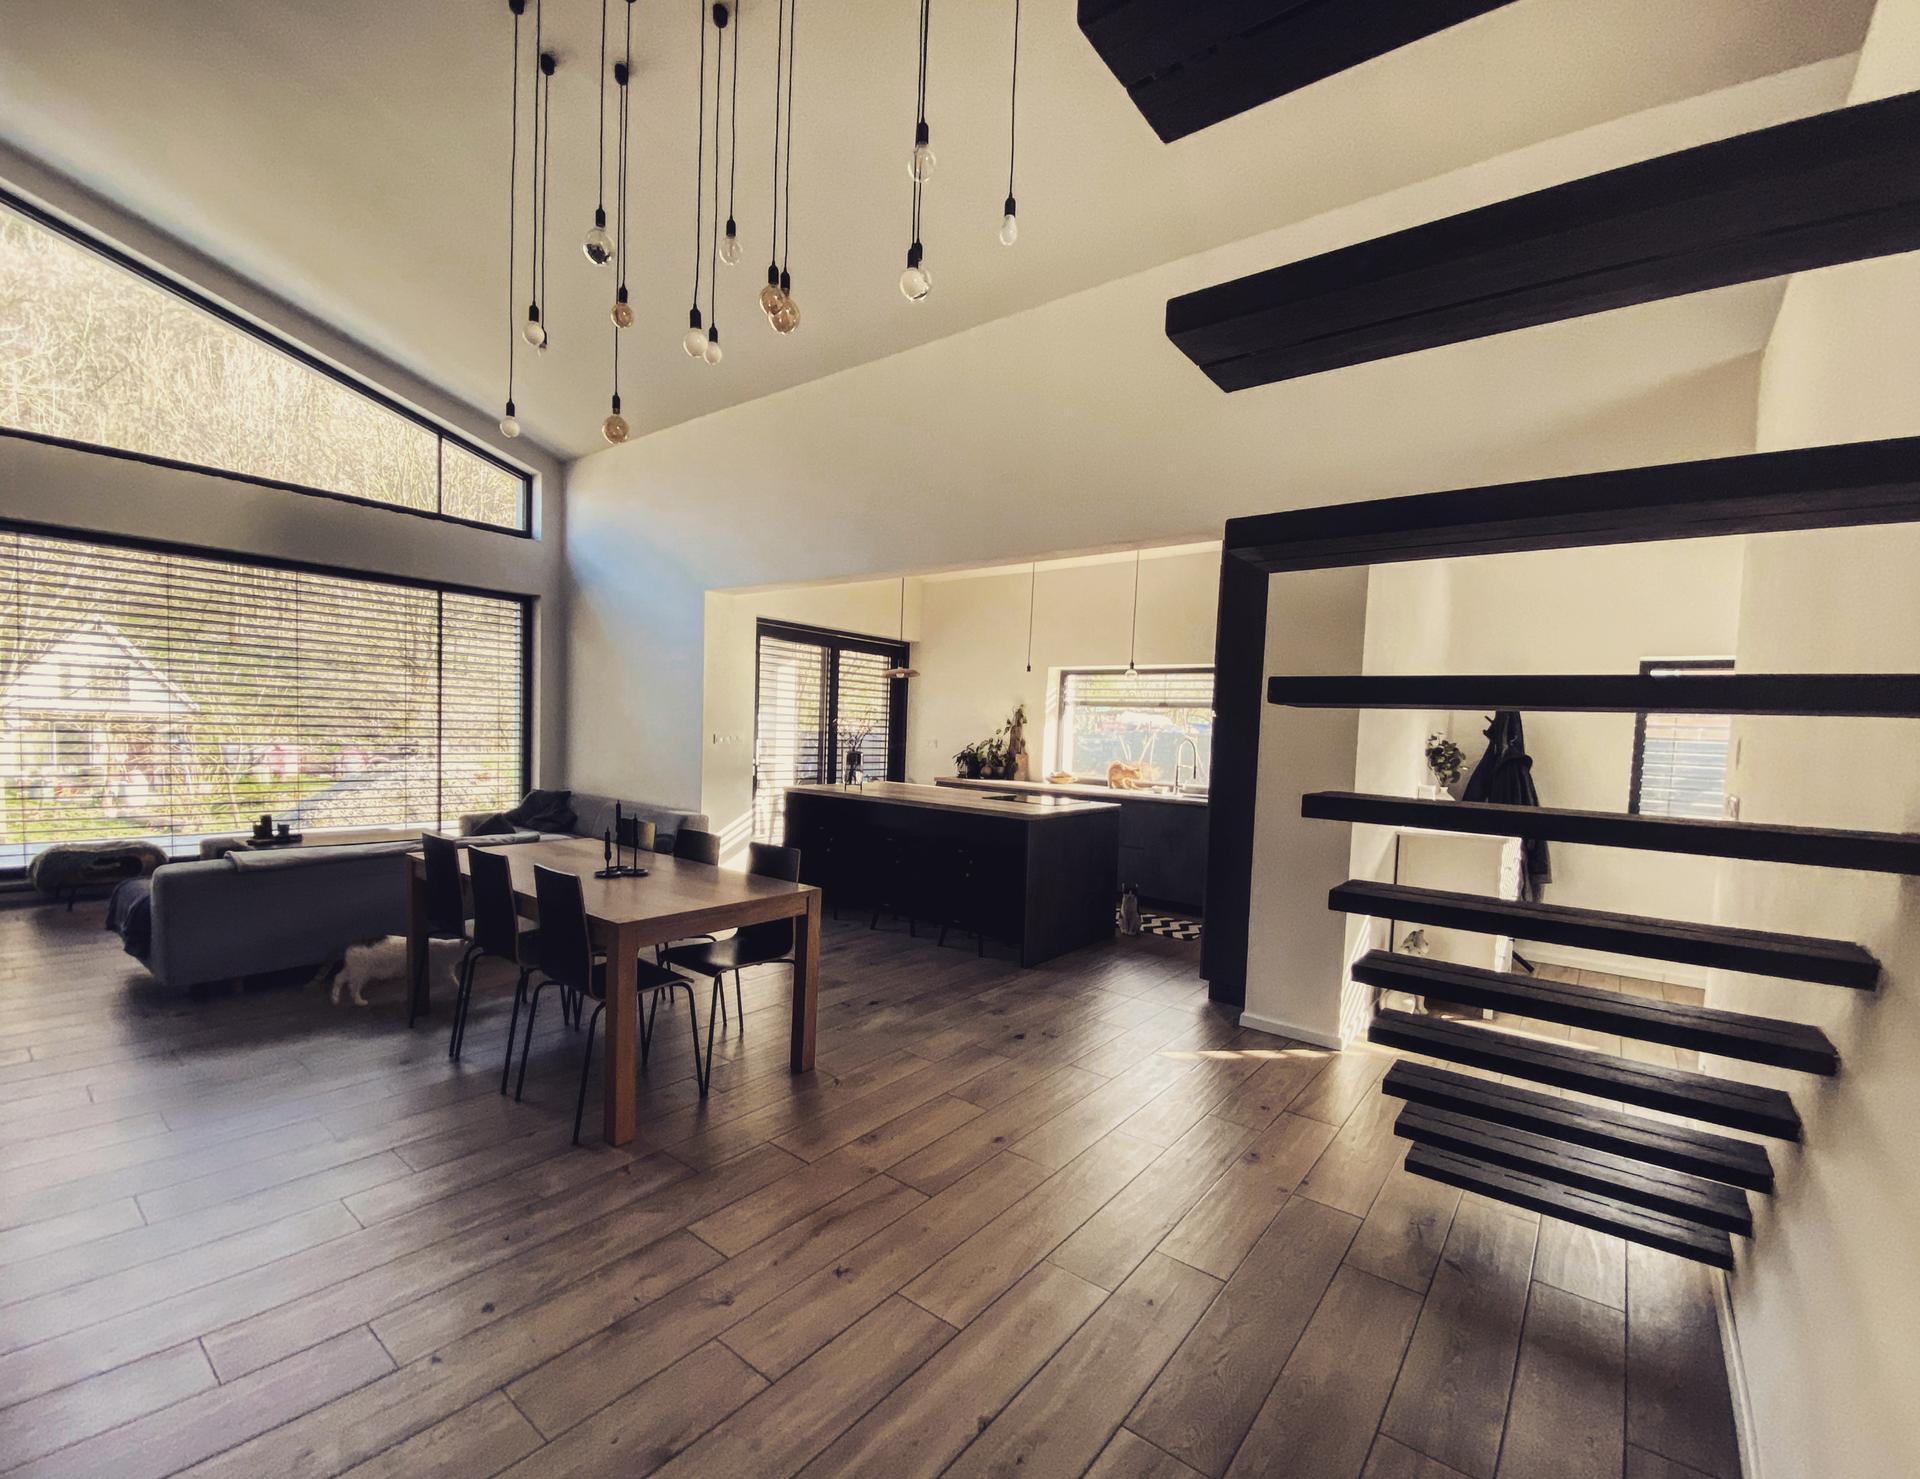 Keď sa z detailov stáva celok - Jedáleň s obývačkou a kuchyňou